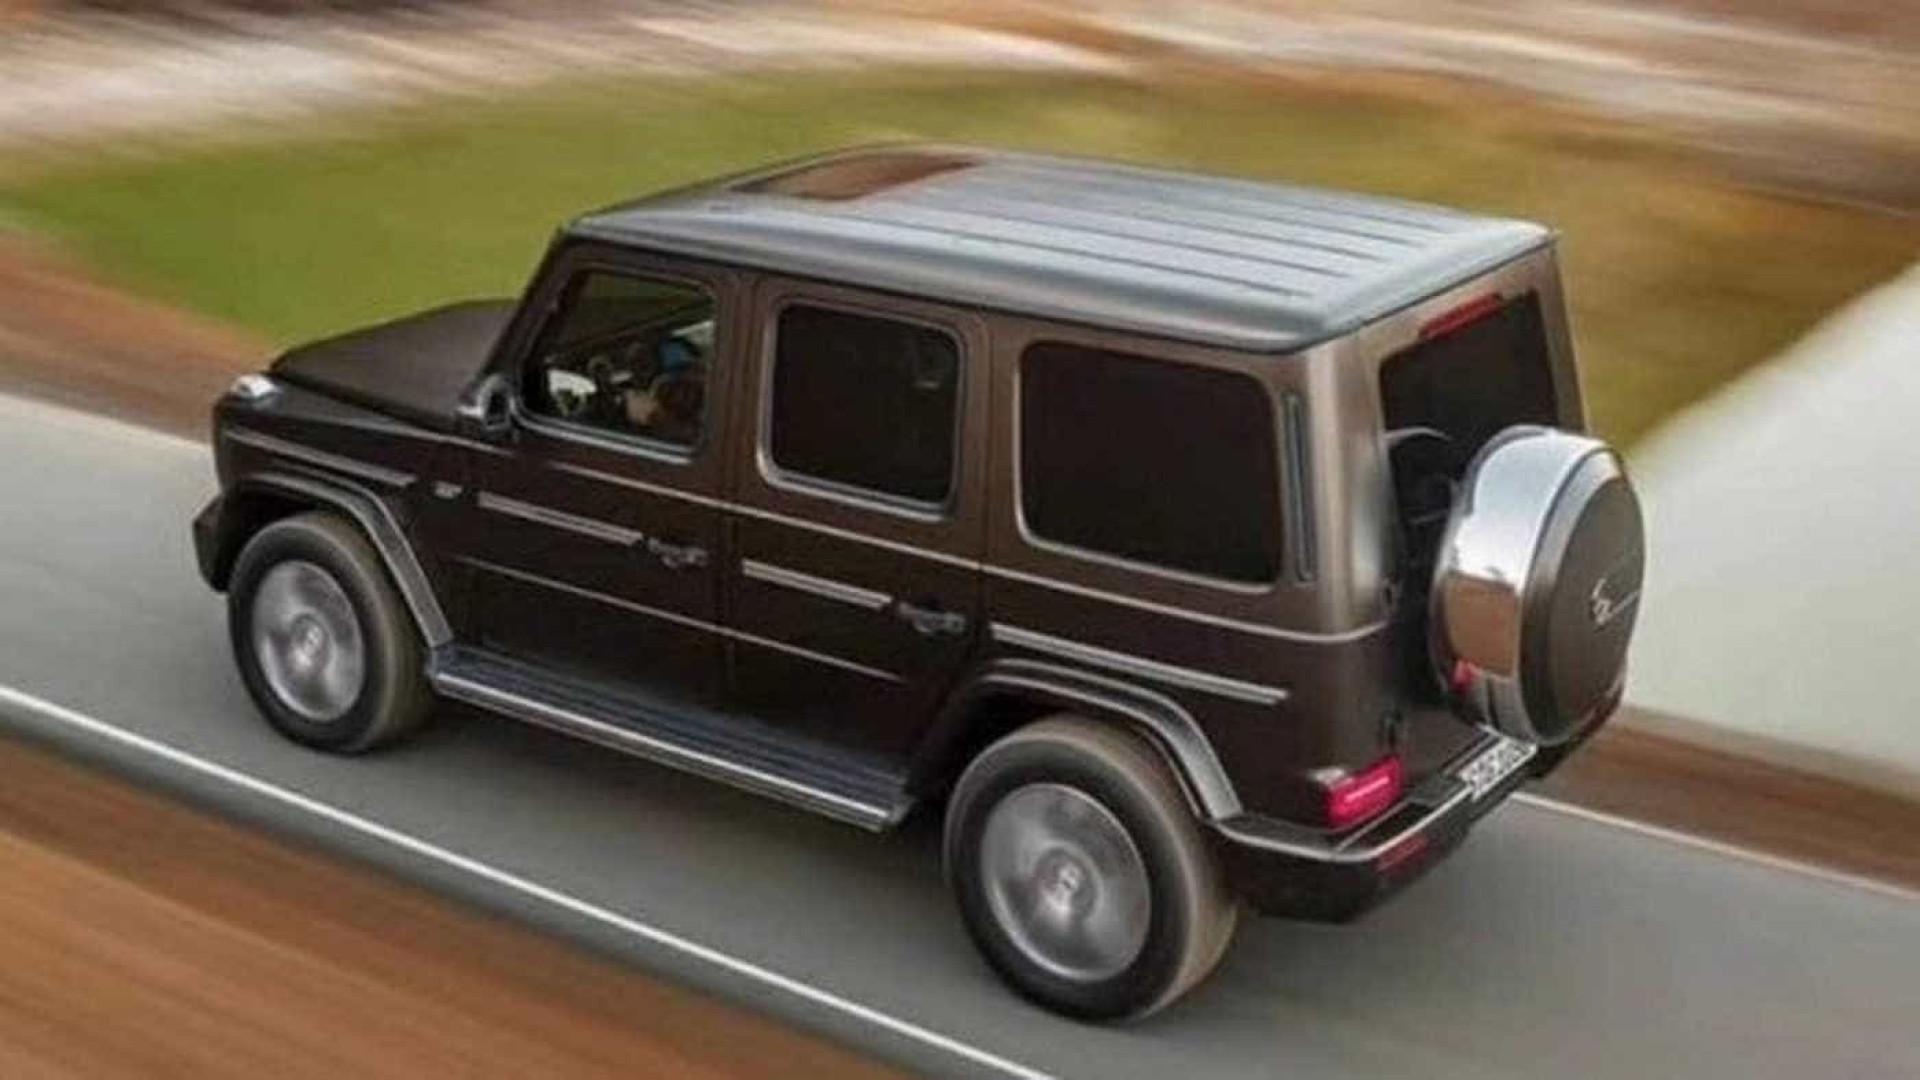 Notcias ao Minuto Mercedes Benz Classe G revelado antes do tempo